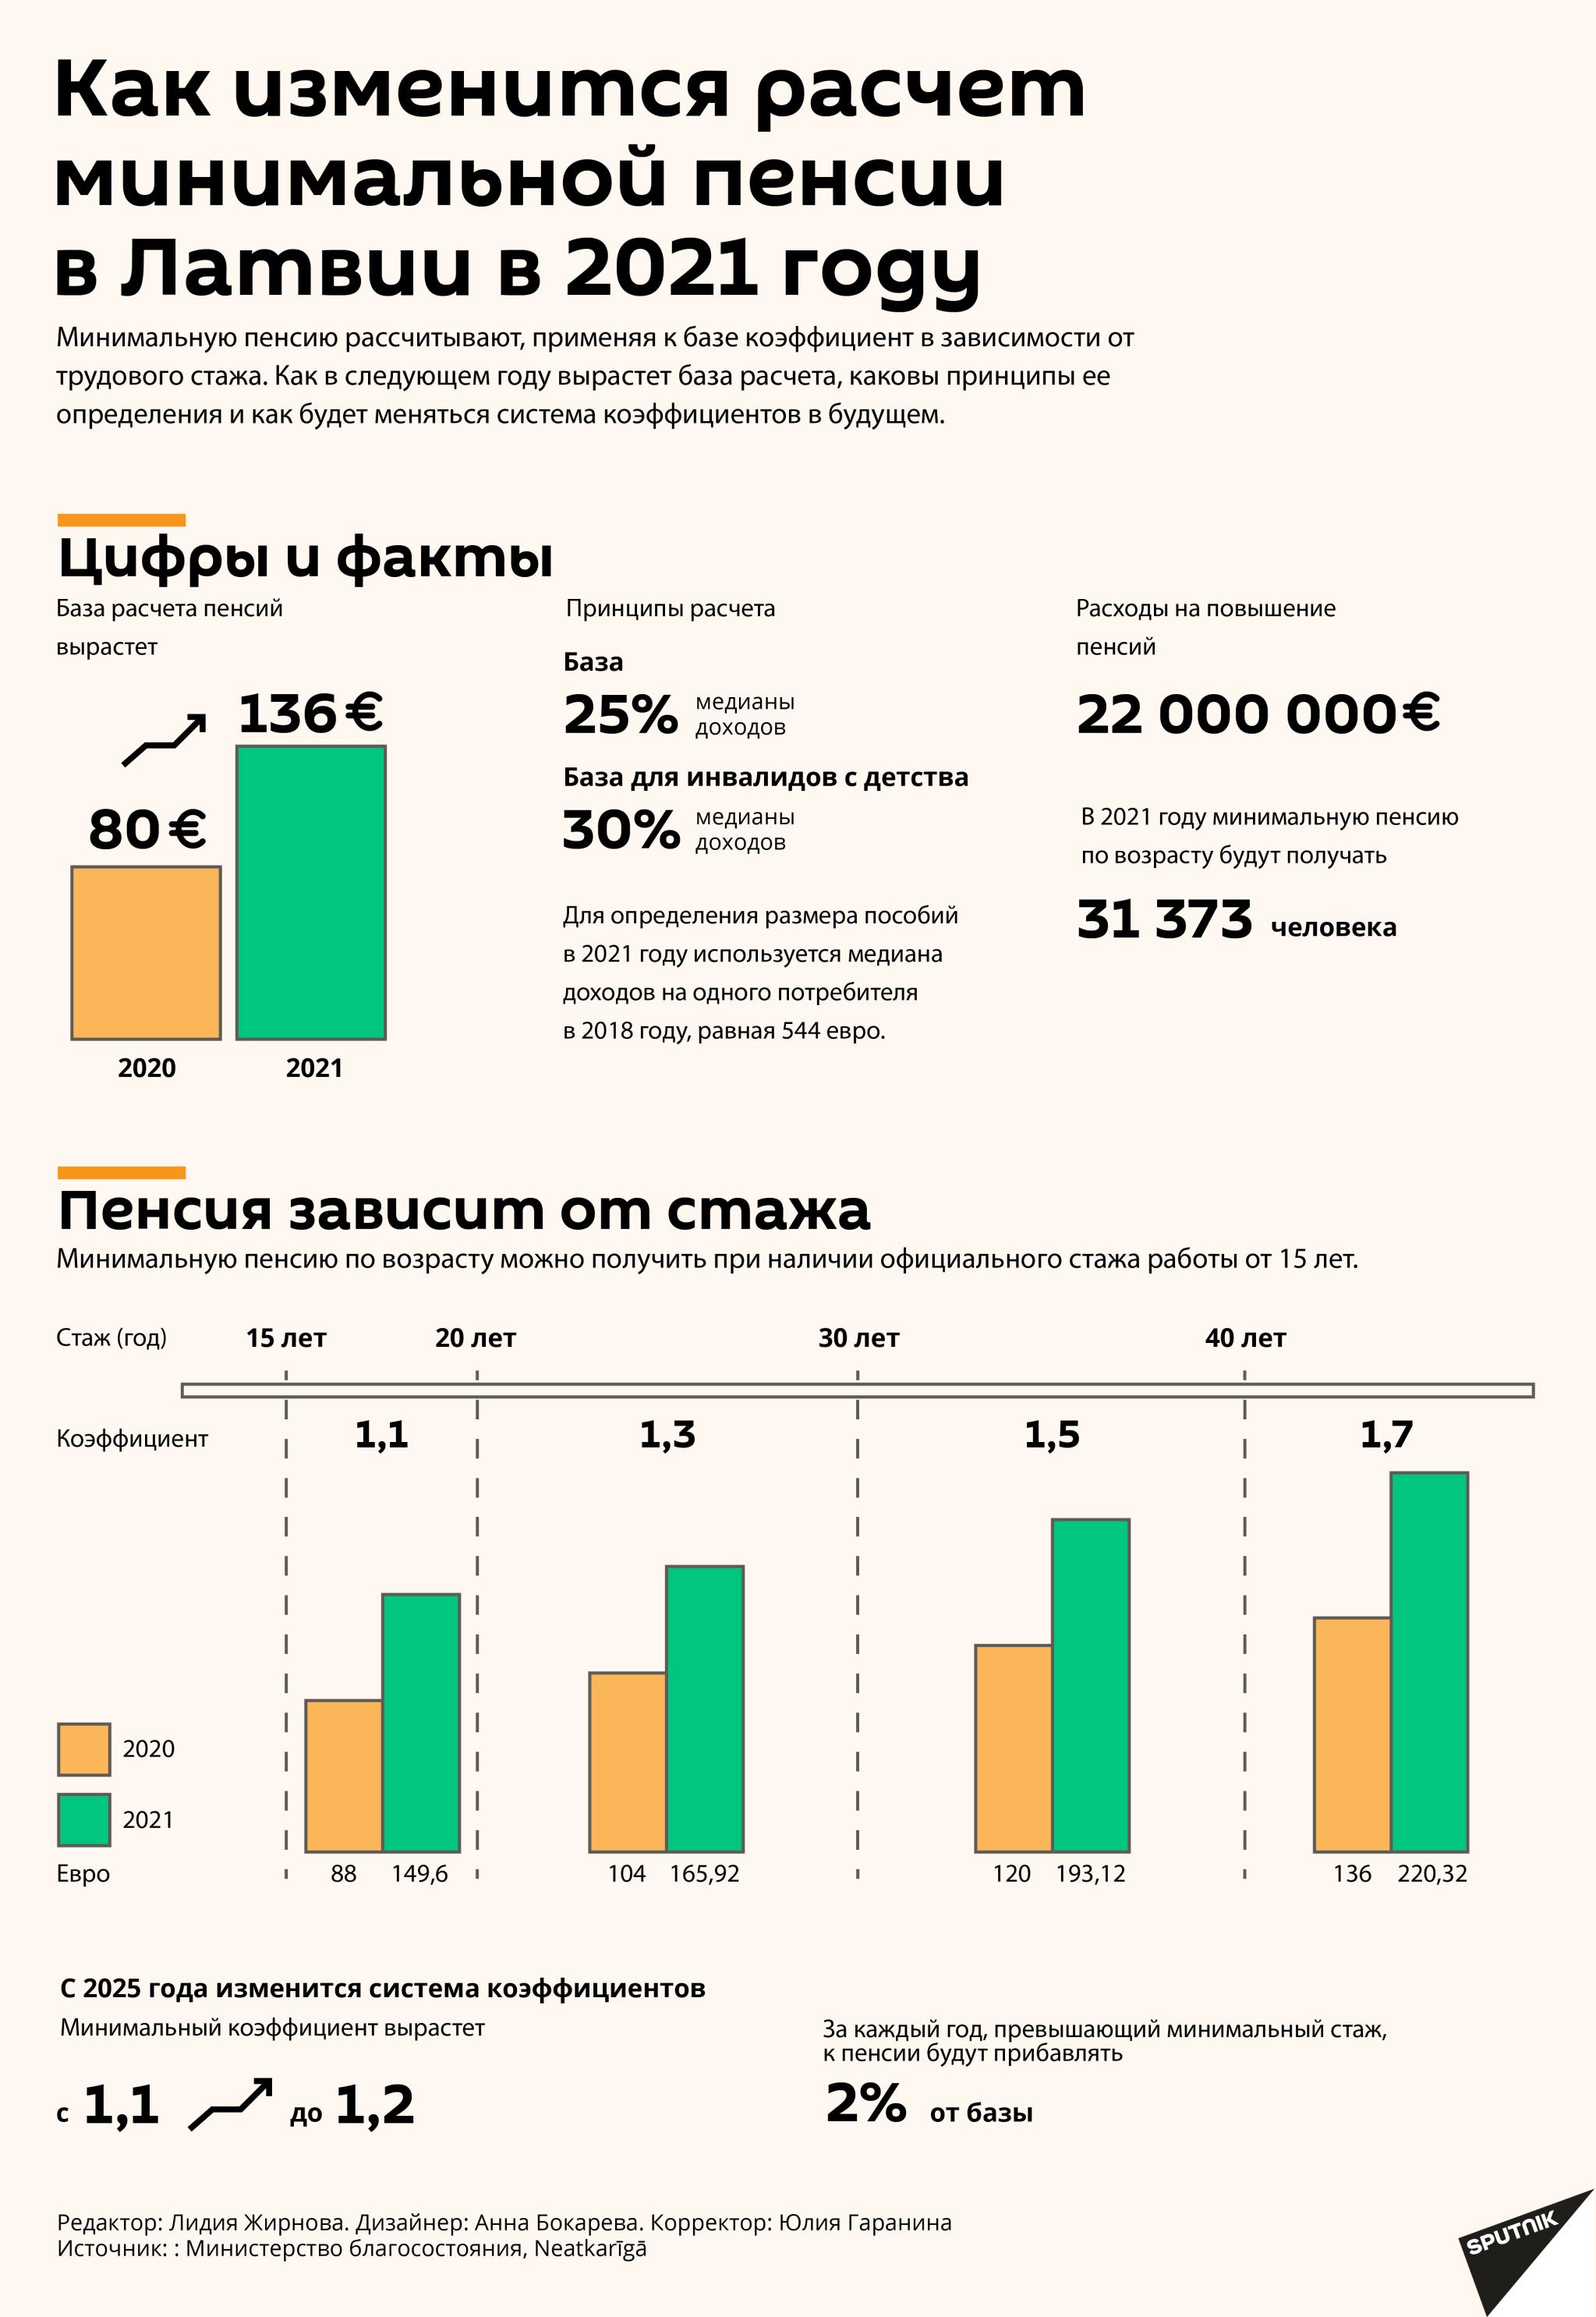 Как изменится расчет минимальной пенсии в Латвии в 2021 году - Sputnik Латвия